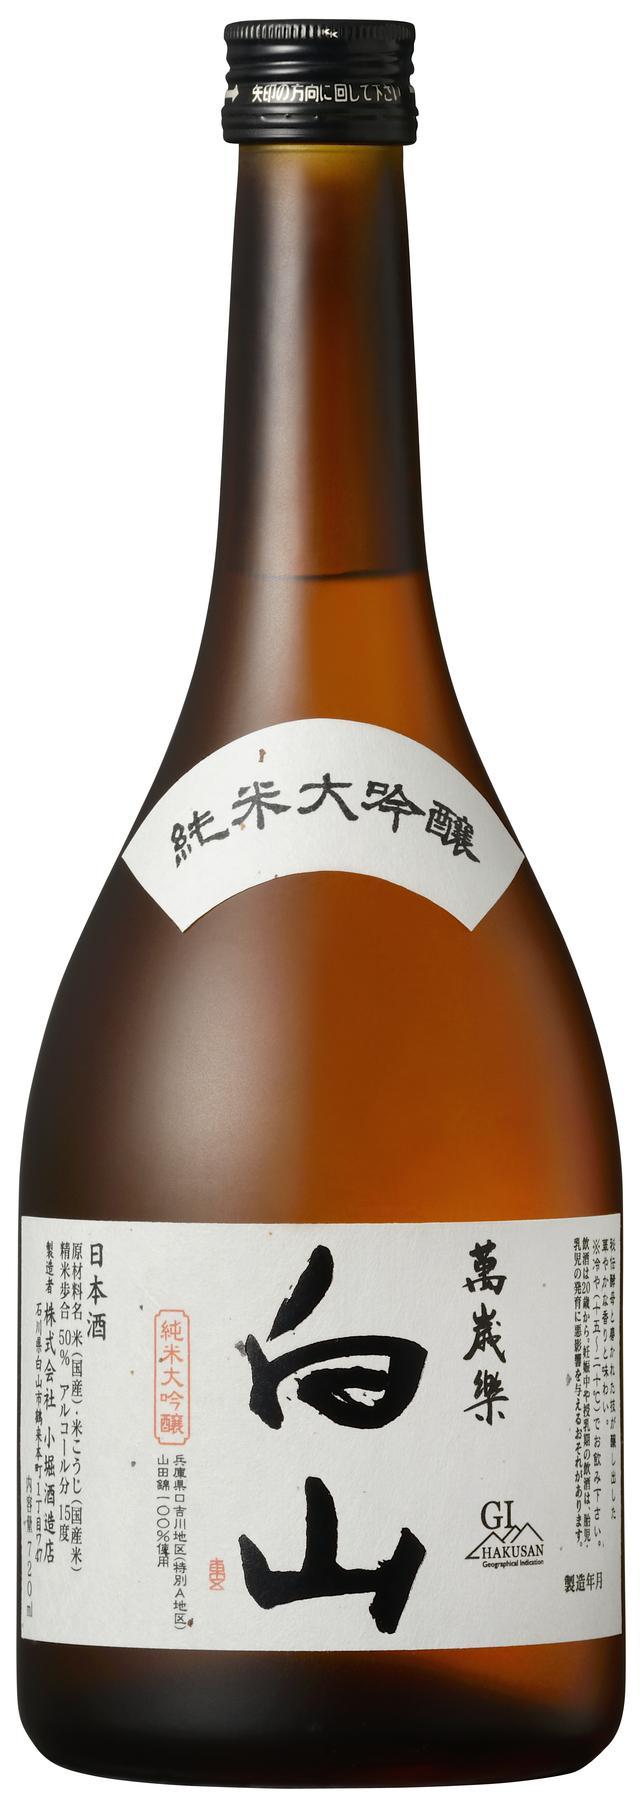 画像3: イタリア・ミラノで認められた日本酒「萬歳楽(まんざいらく)」